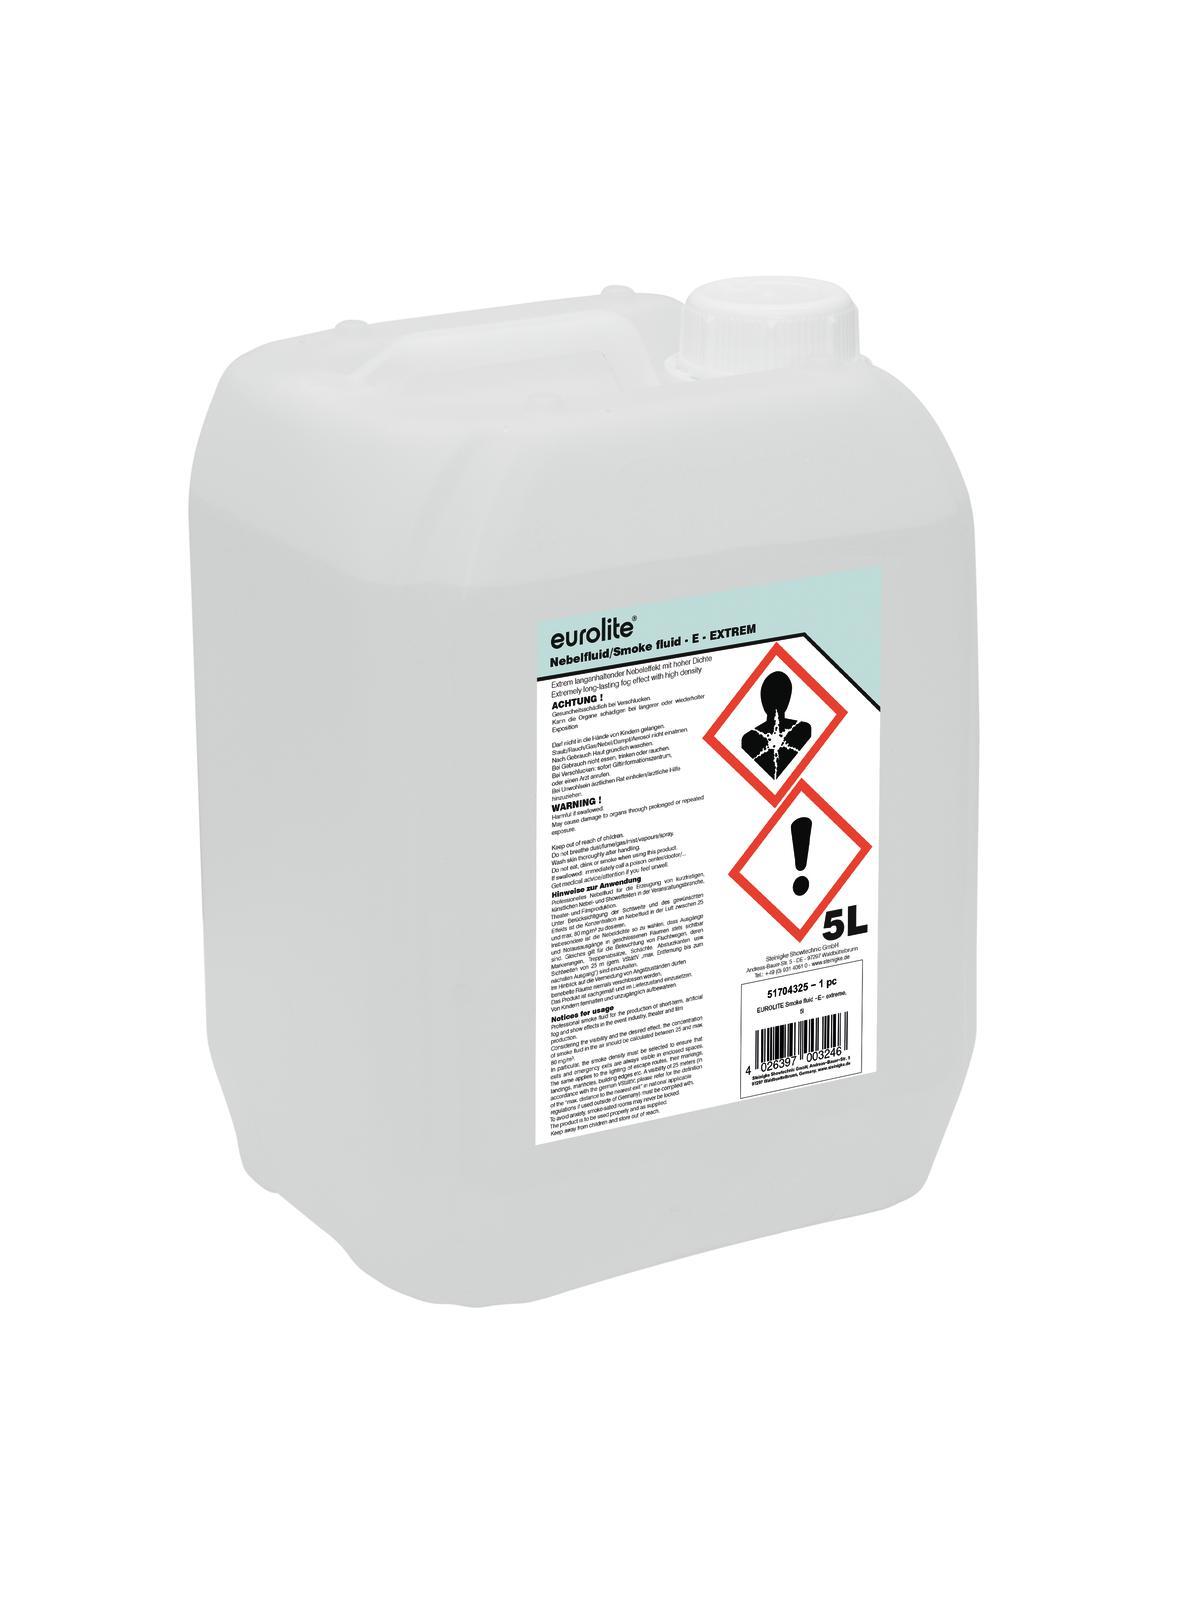 Liquido per macchina del fumo estremo, 5 litri, EUROLITE